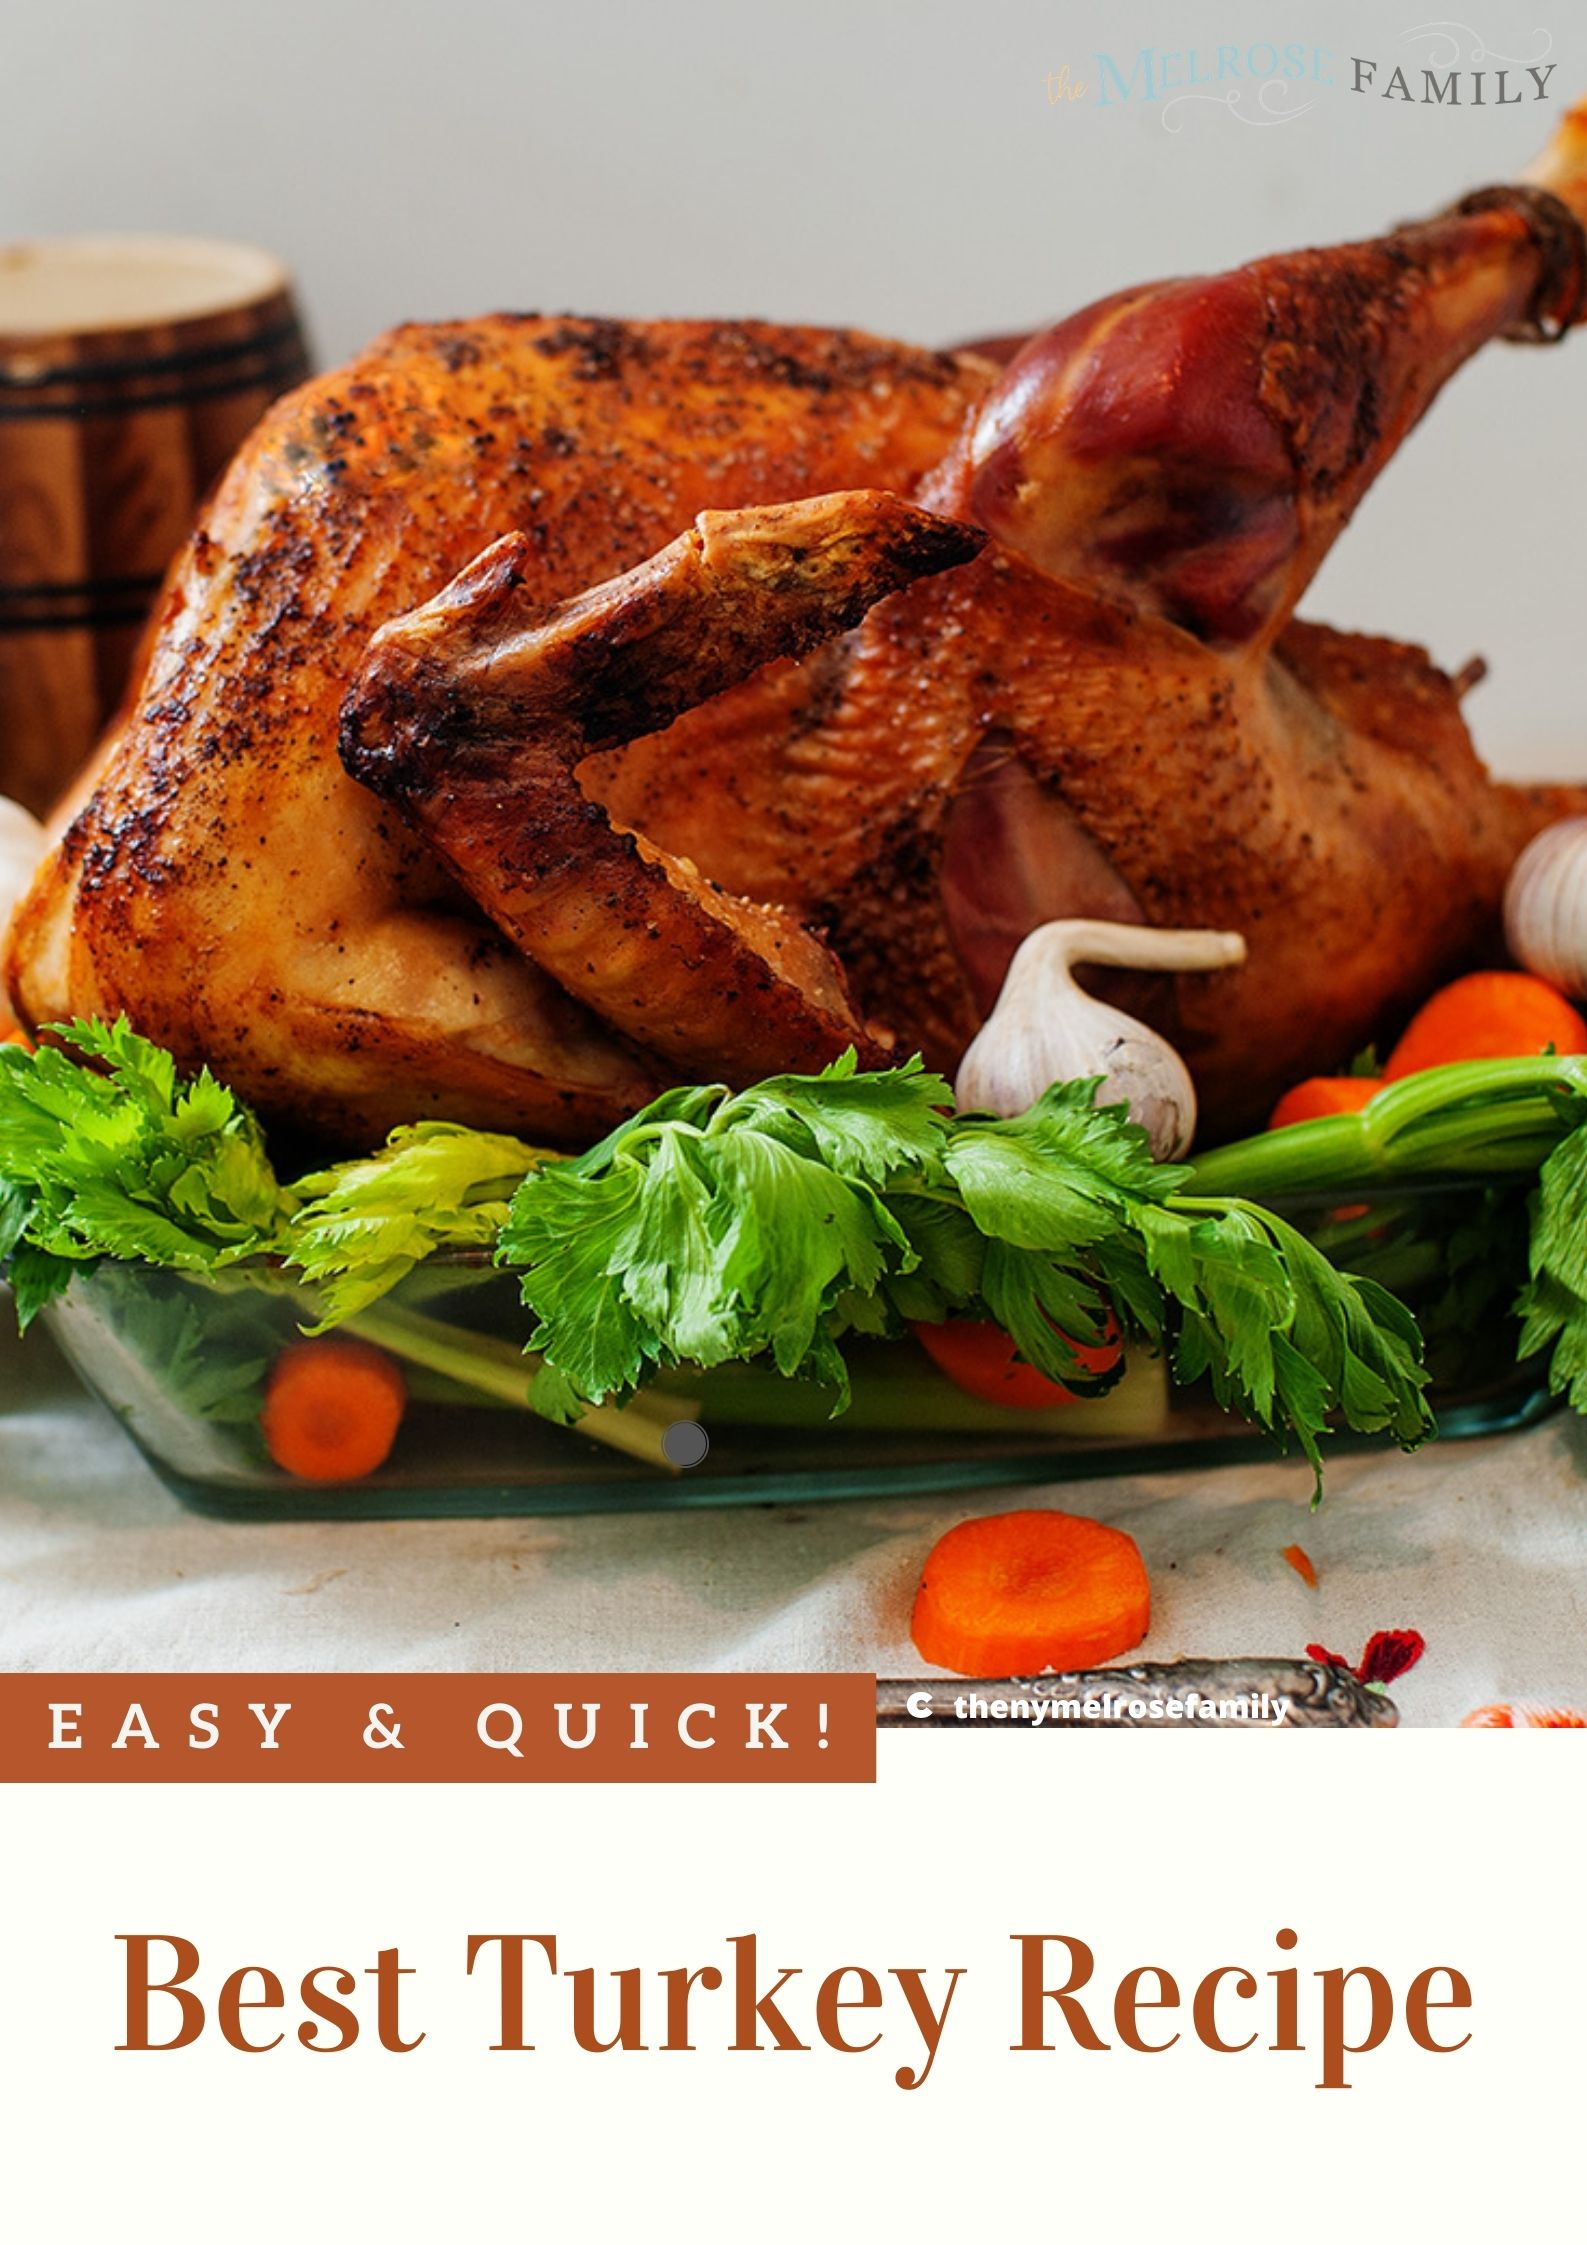 The Best Turkey Recipe via @jennymelrose